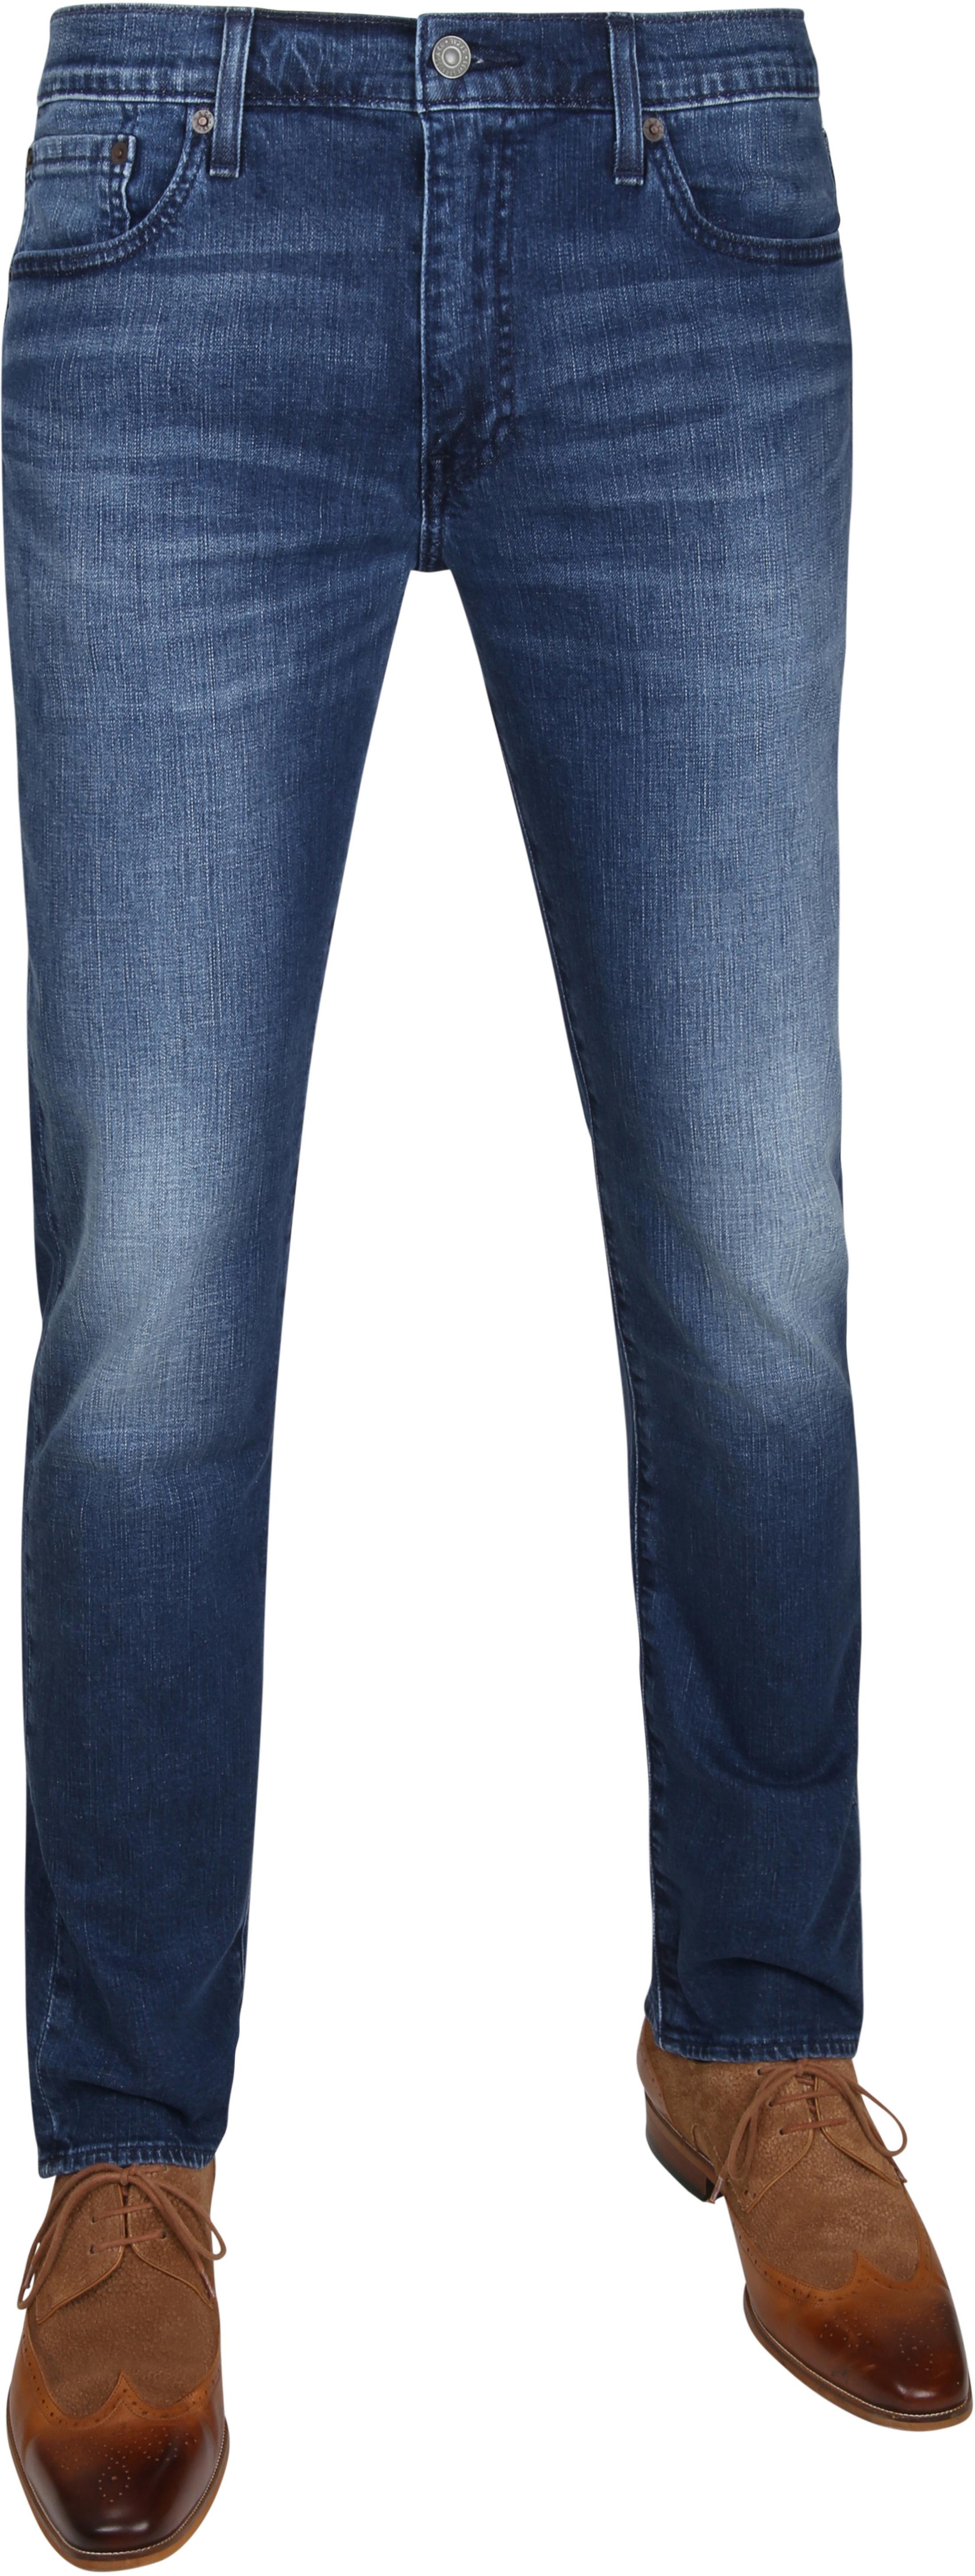 Levi's 511 TM Jeans Indigo foto 0